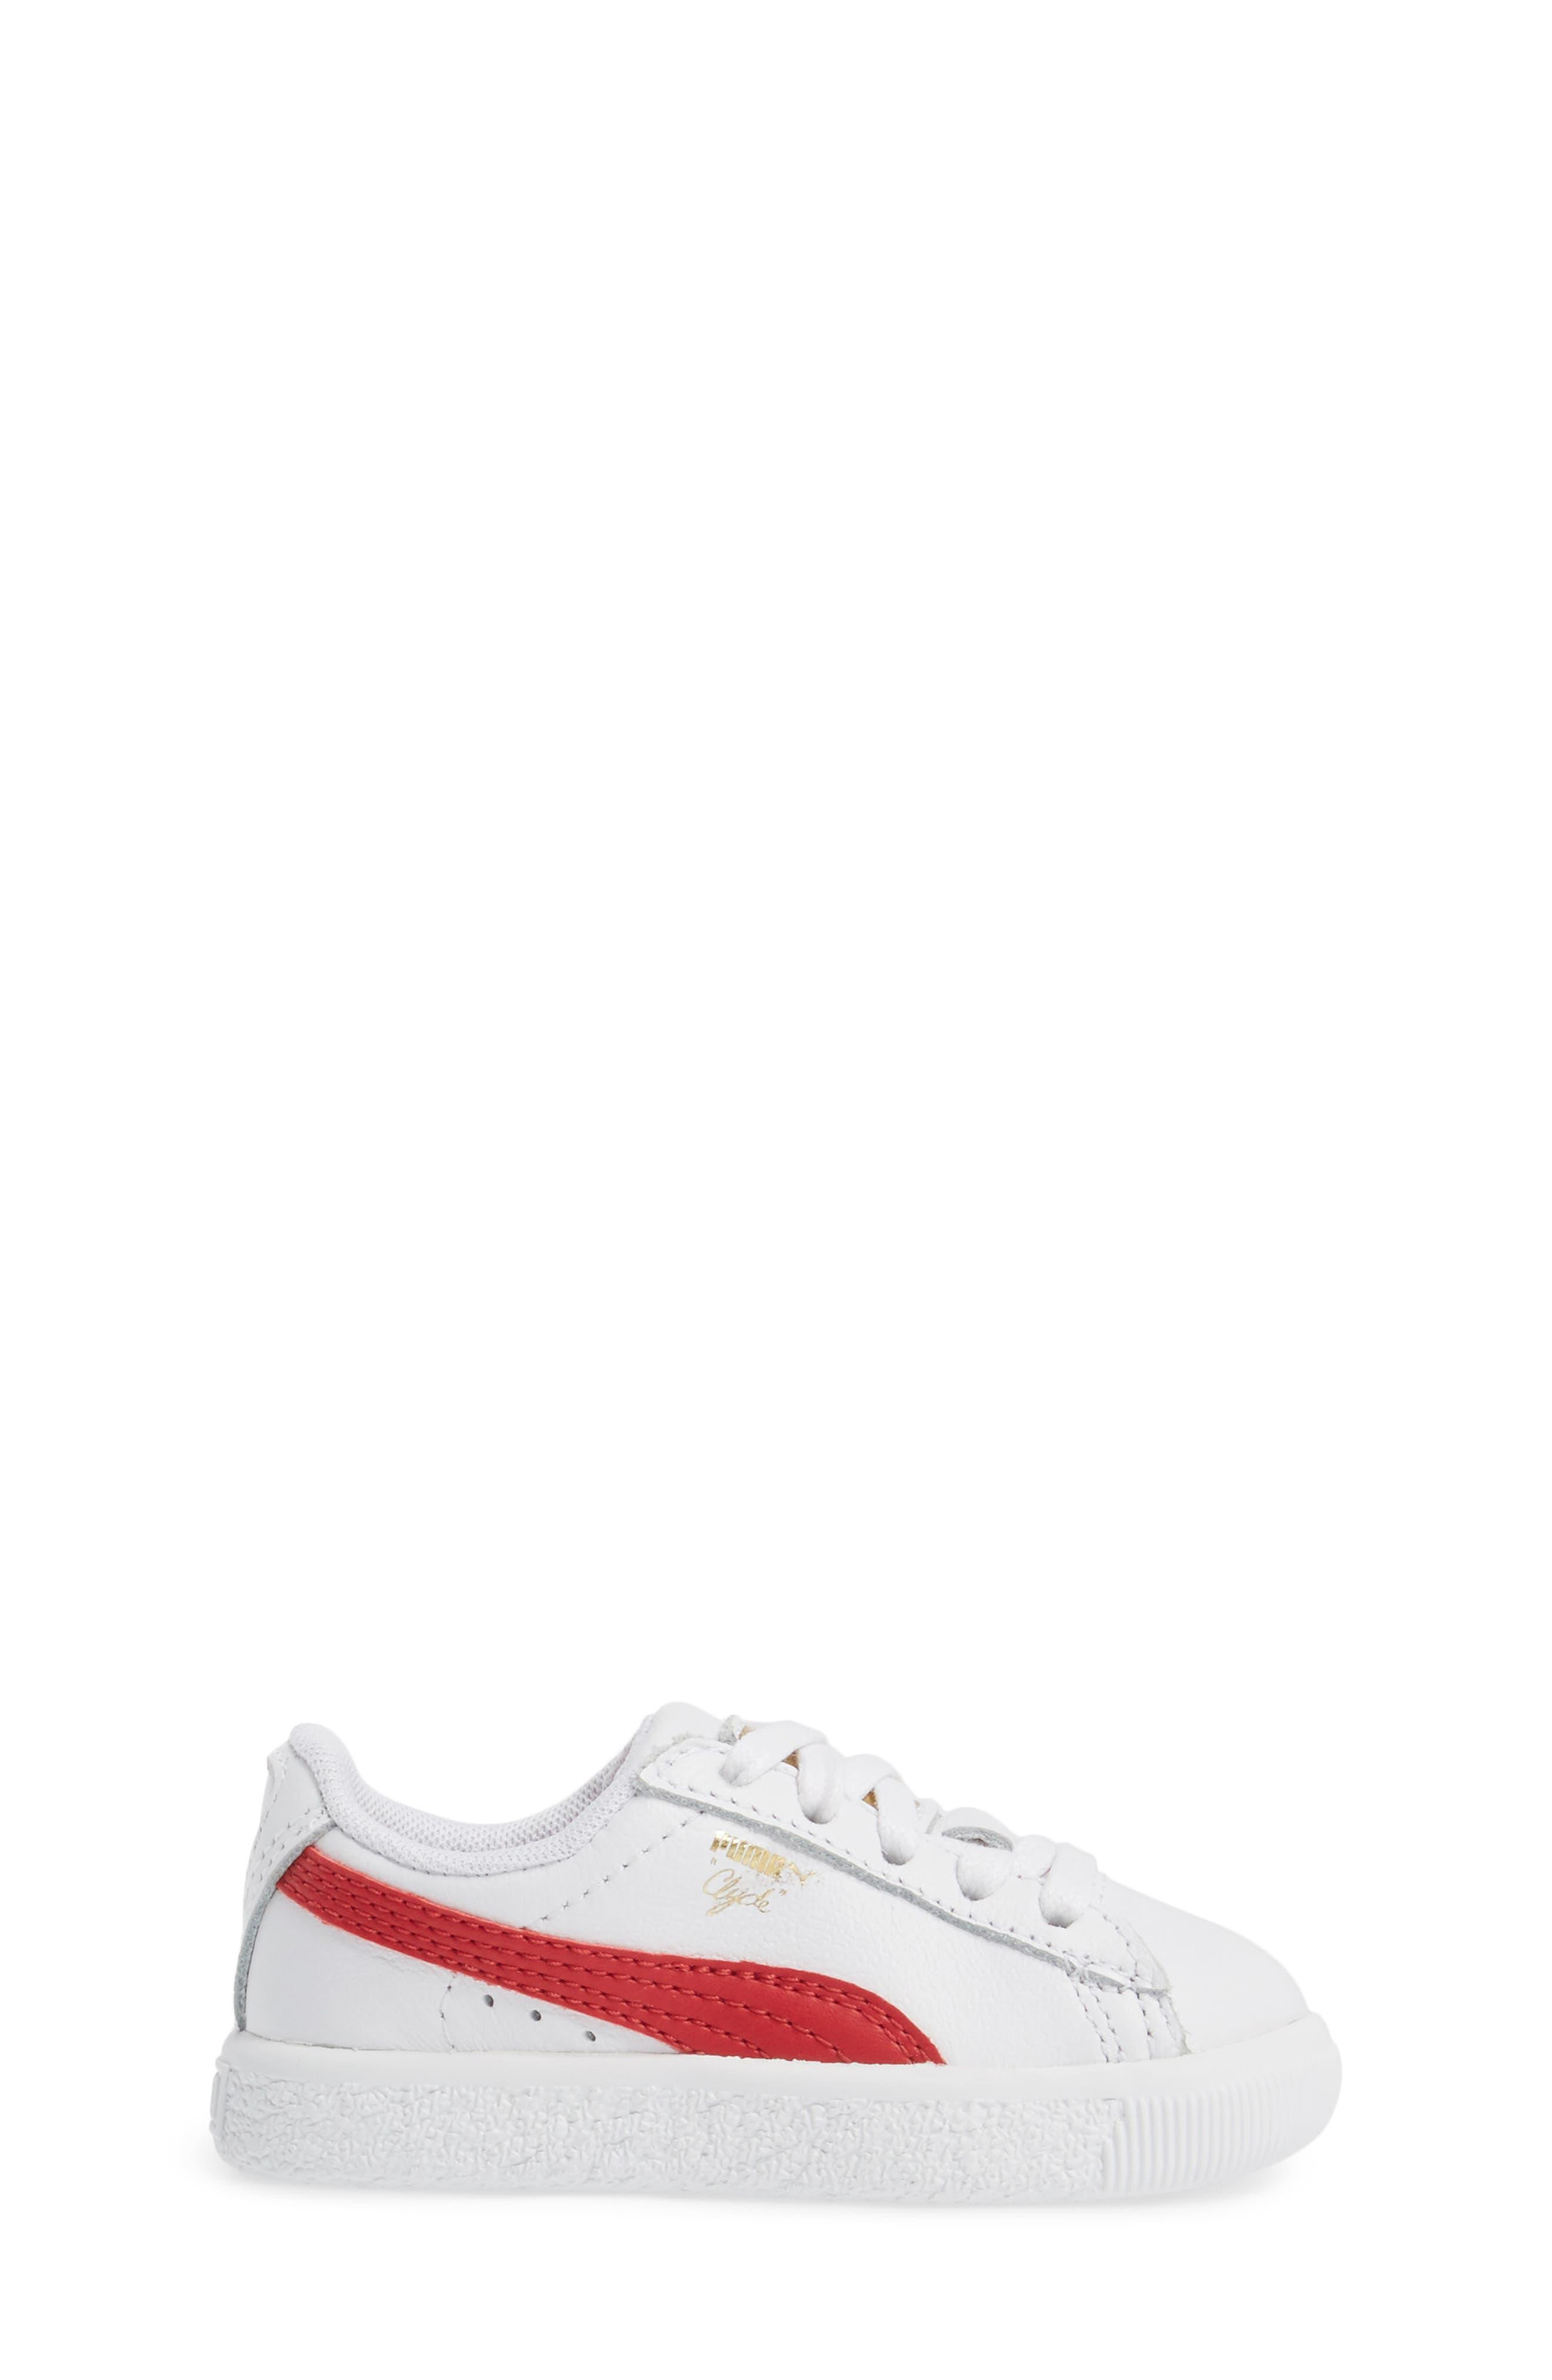 Clyde Core Foil Sneaker,                             Alternate thumbnail 18, color,